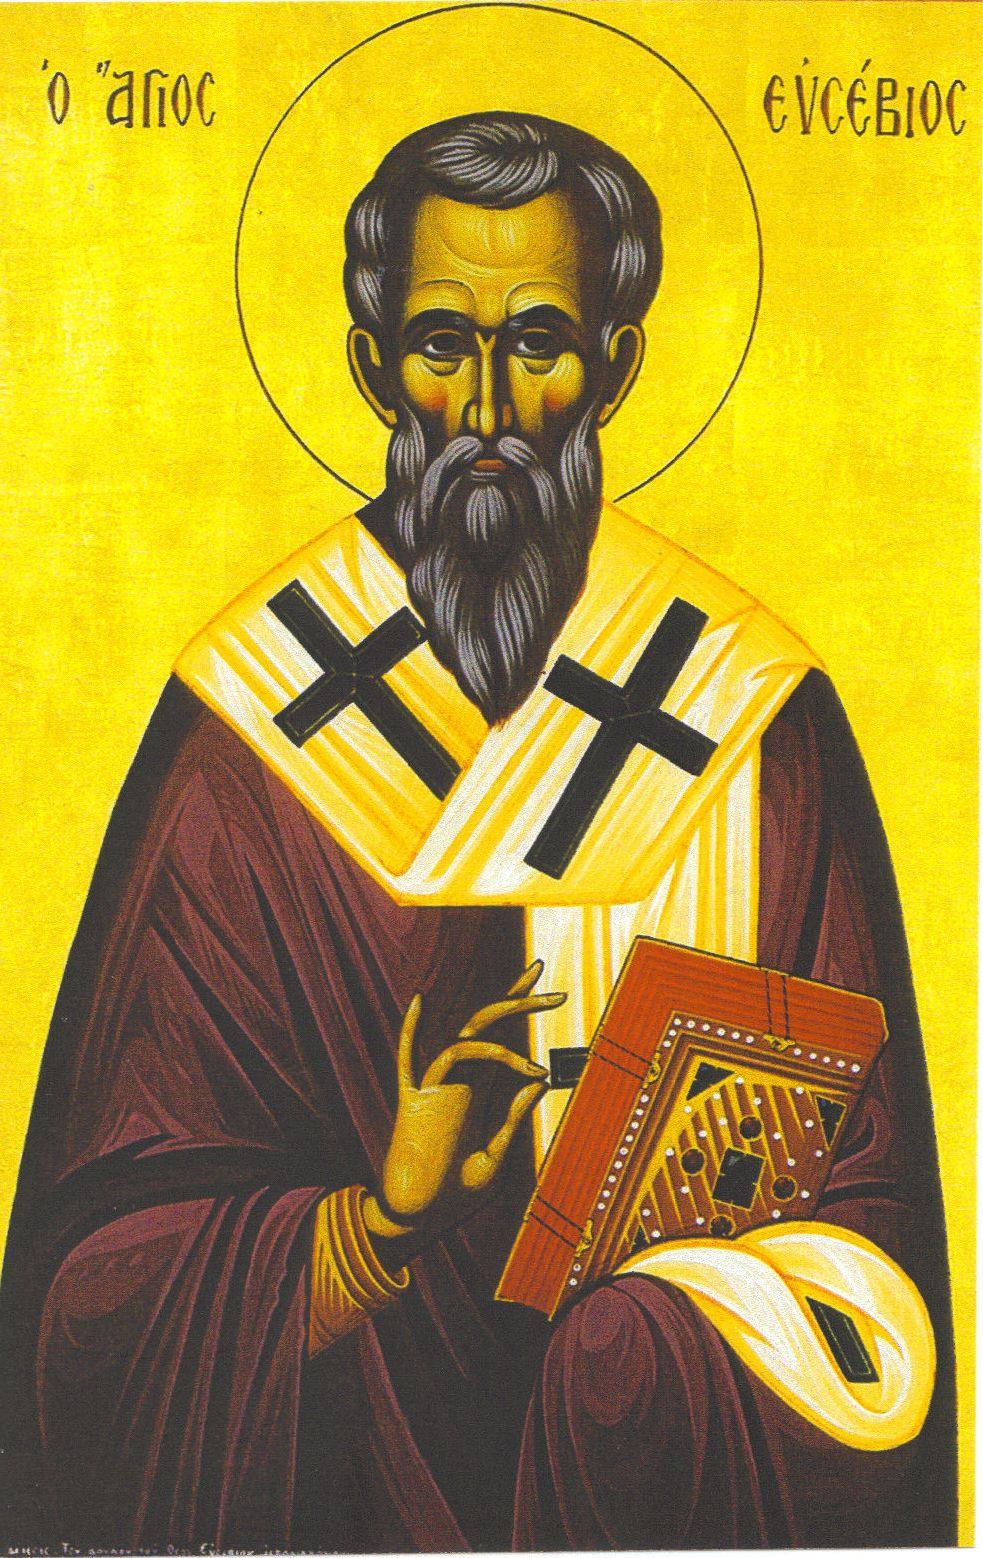 Άγιος ιερομάρτυς Ευσέβιος, επίσκοπος Σαμοσάτων (22 Ιουνίου)